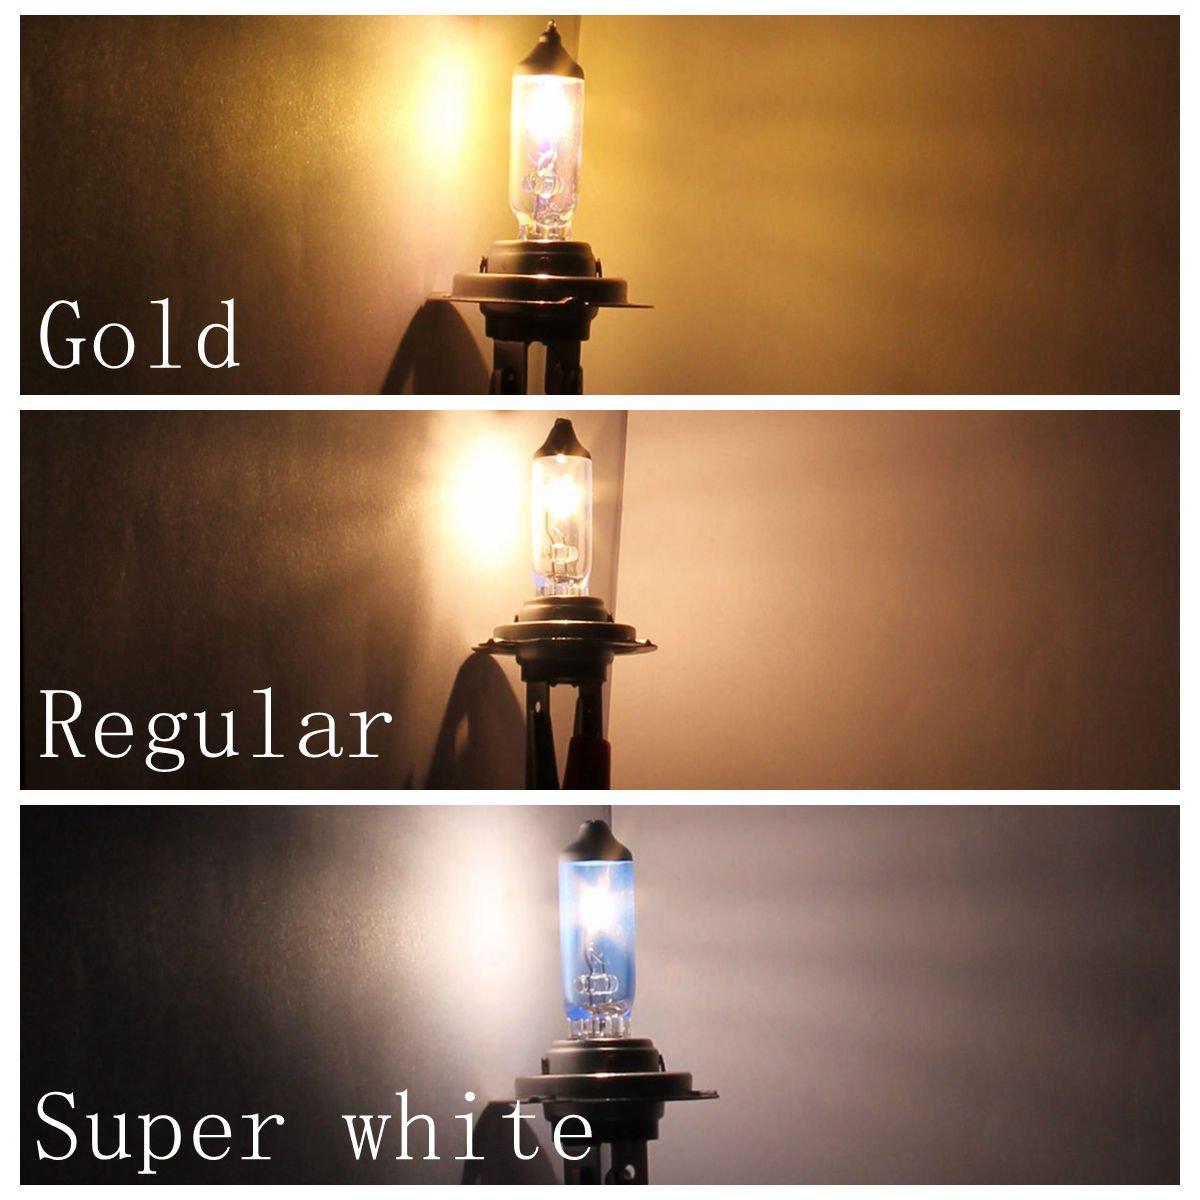 880 12V 27W Super White Halogen Xenon Filled Car Fog Light Lamp Package of 2